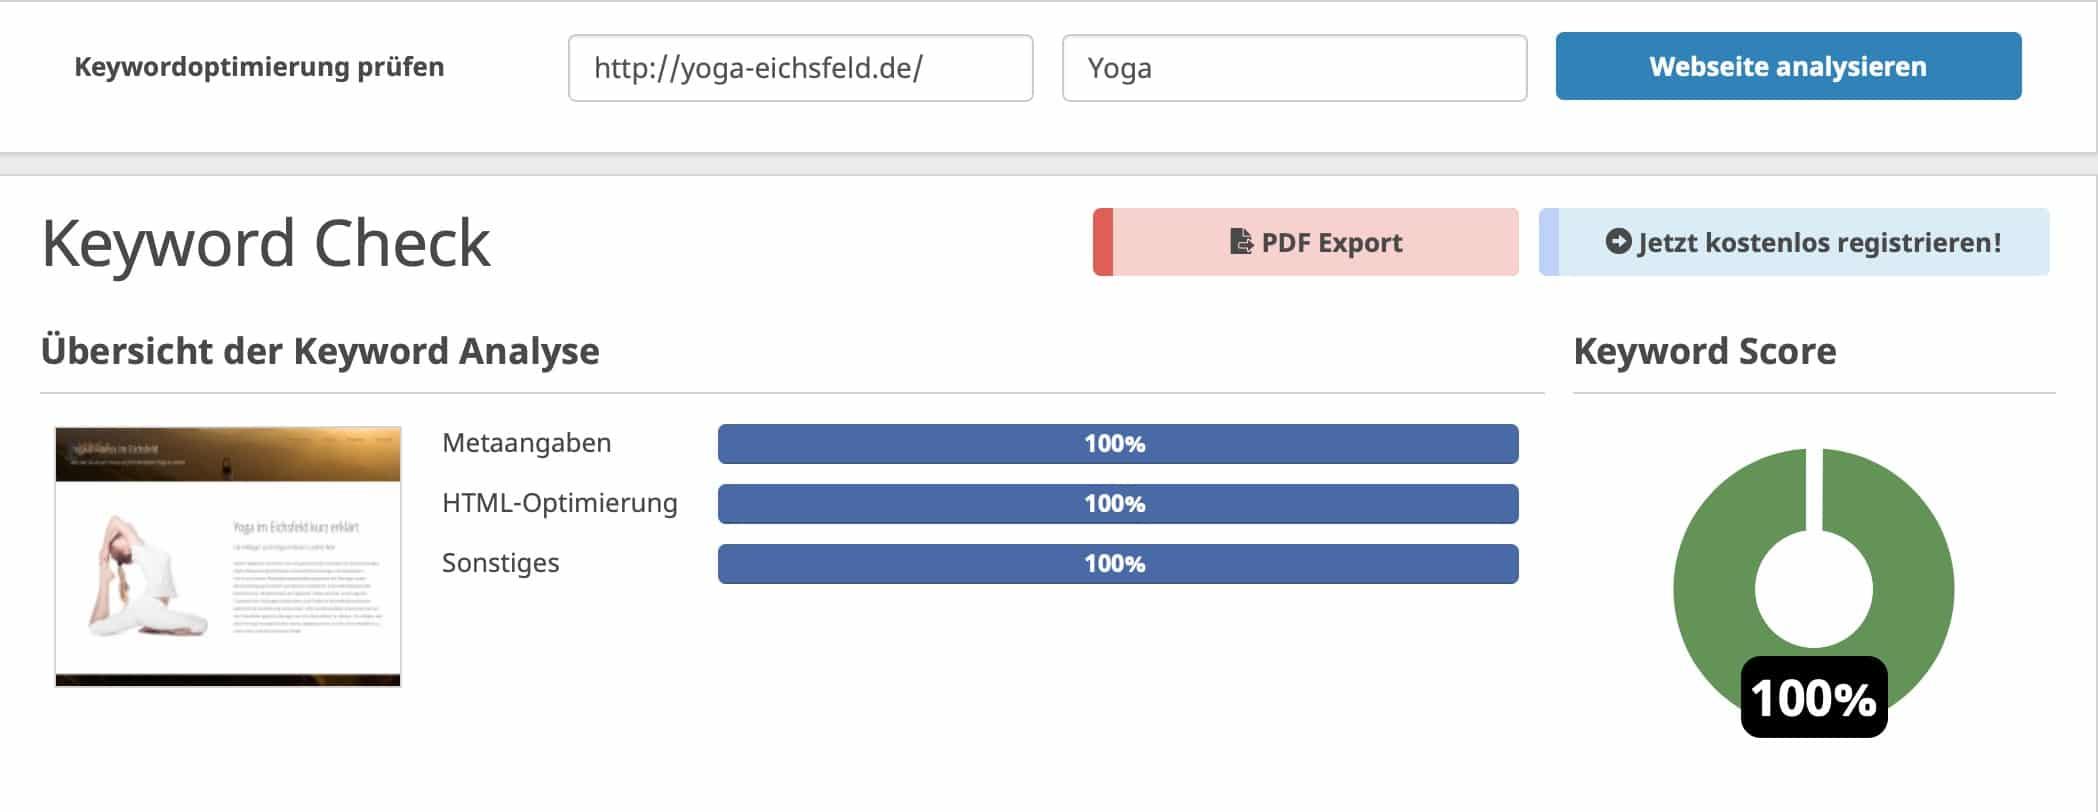 Yoga Eichsfeld Leinefelde Worbis Seite Webseite SEO Homepage Logo Corporate Design Selbständige Webdesign Agentur Marketing